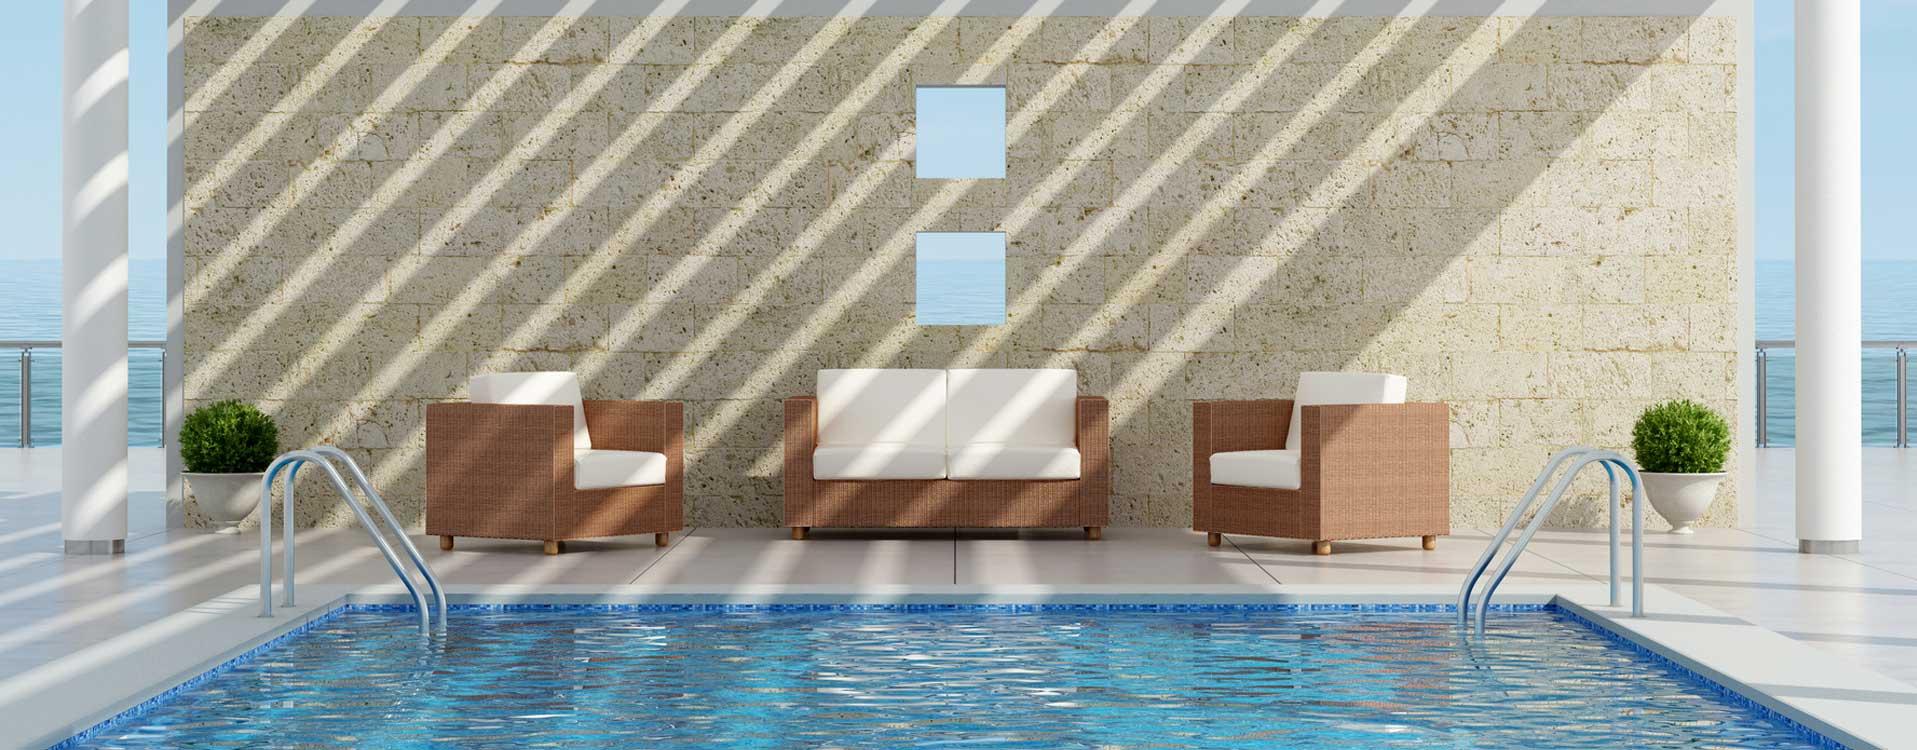 traitement piscine au sel electrolyse. Black Bedroom Furniture Sets. Home Design Ideas